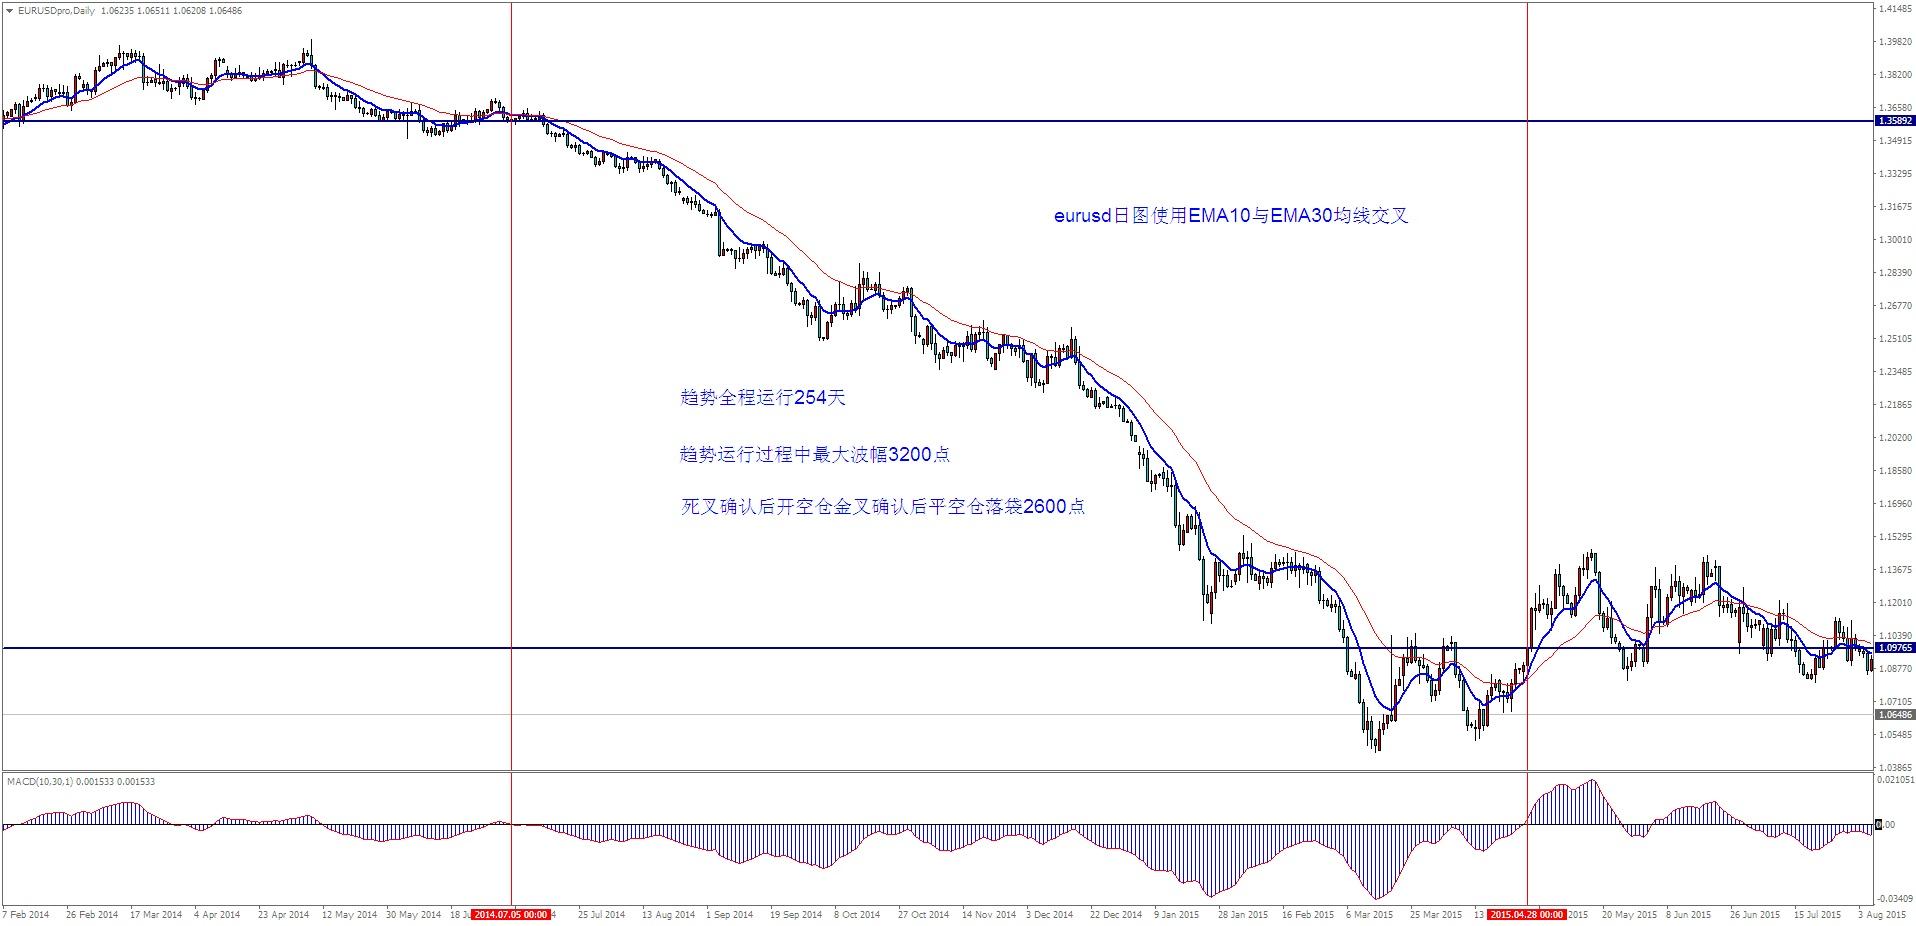 外汇趋势跟踪交易策略的误区